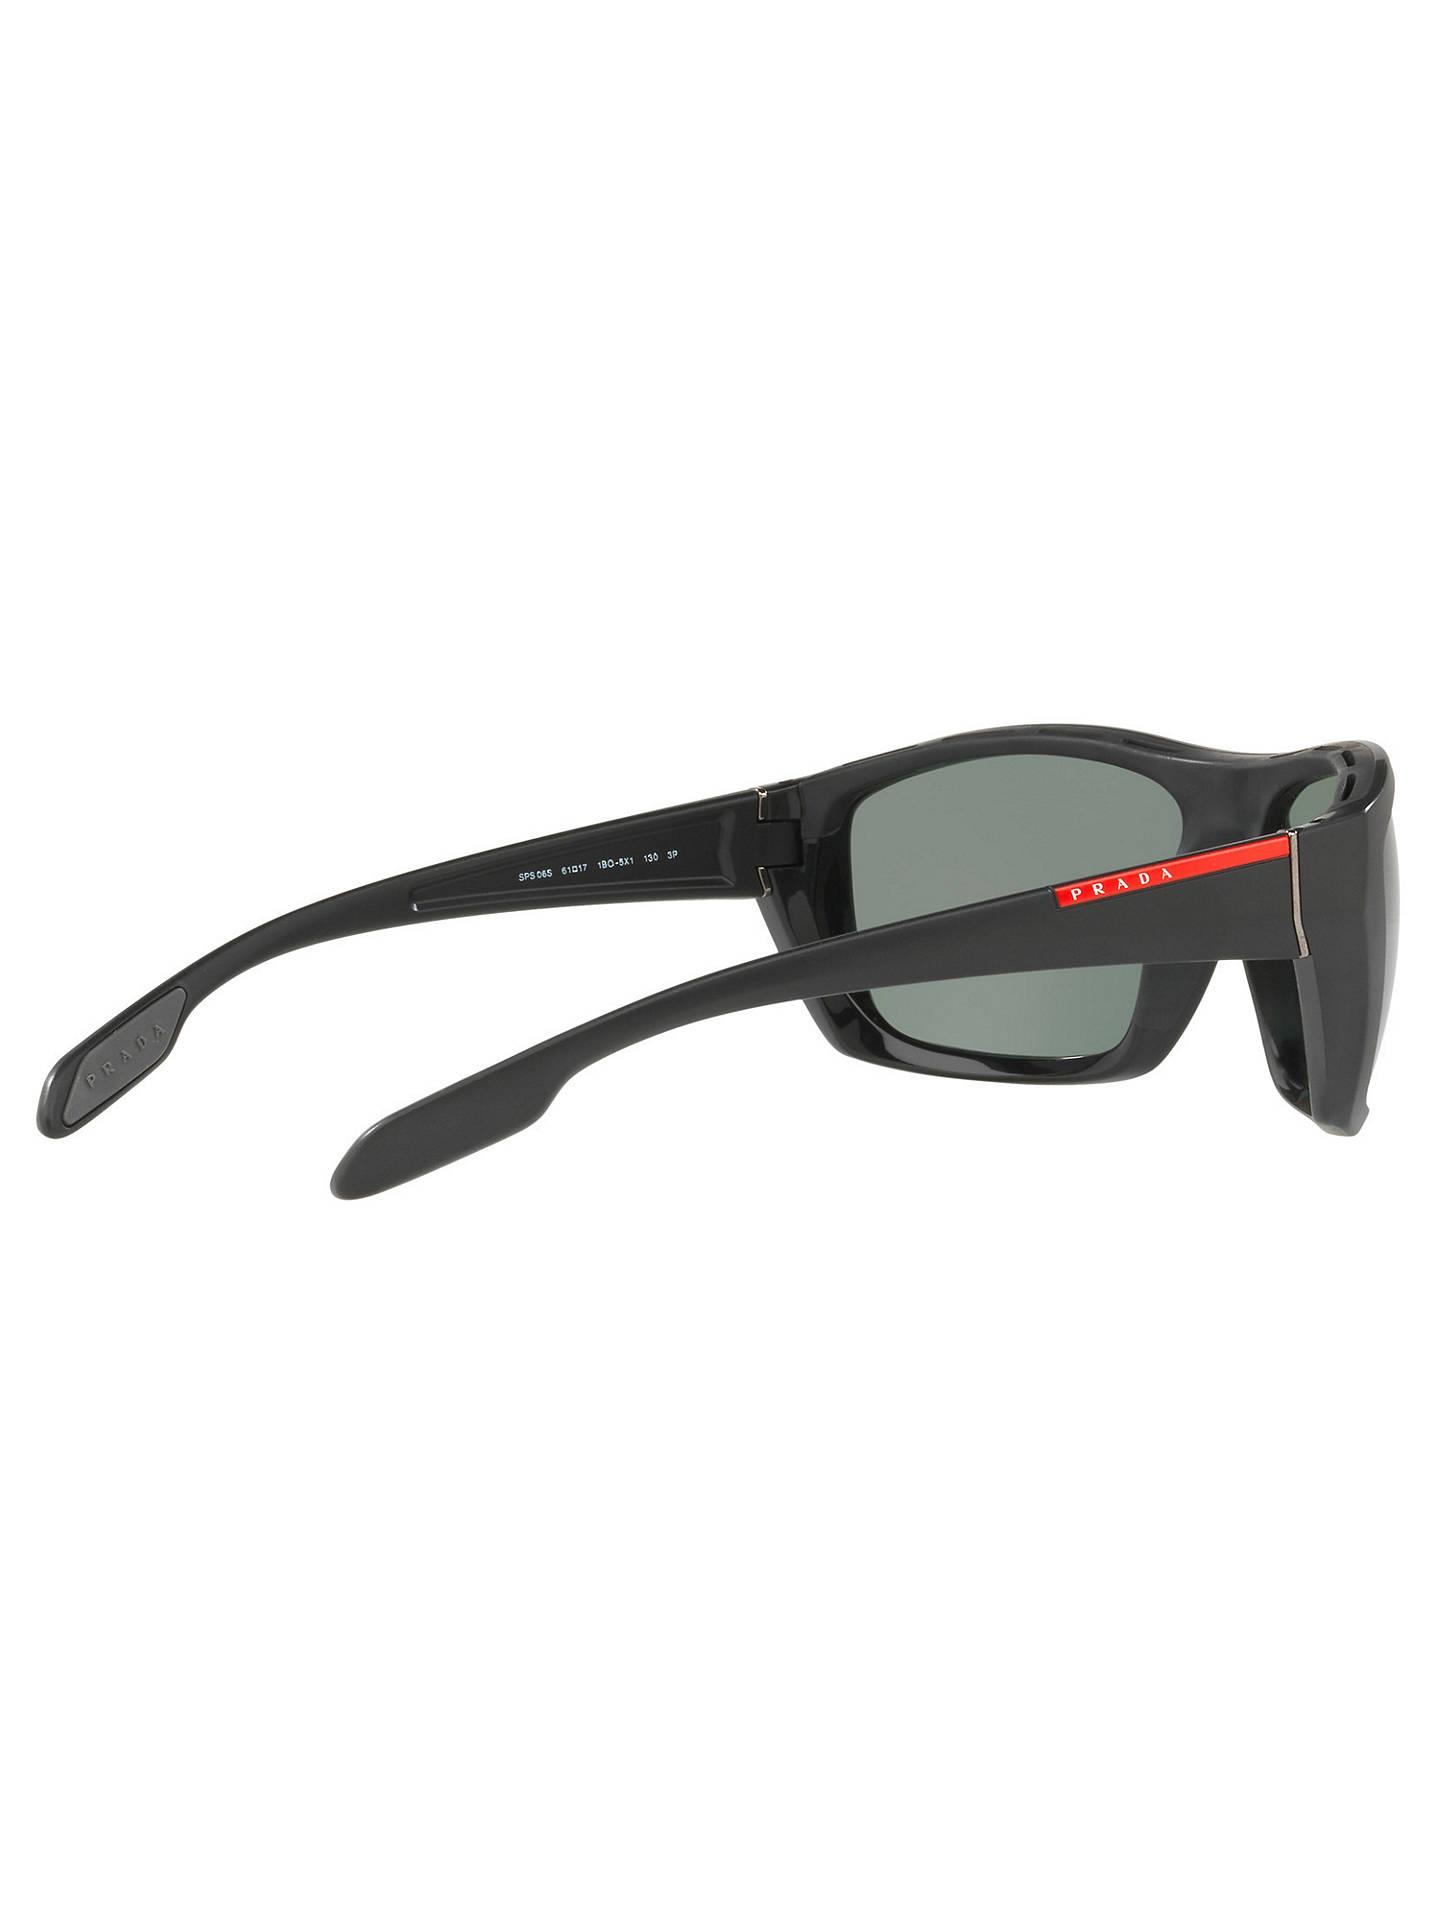 c83c27bef6b ... Buy Prada Linea Rossa PS 06SS Polarised Rectangular Sunglasses